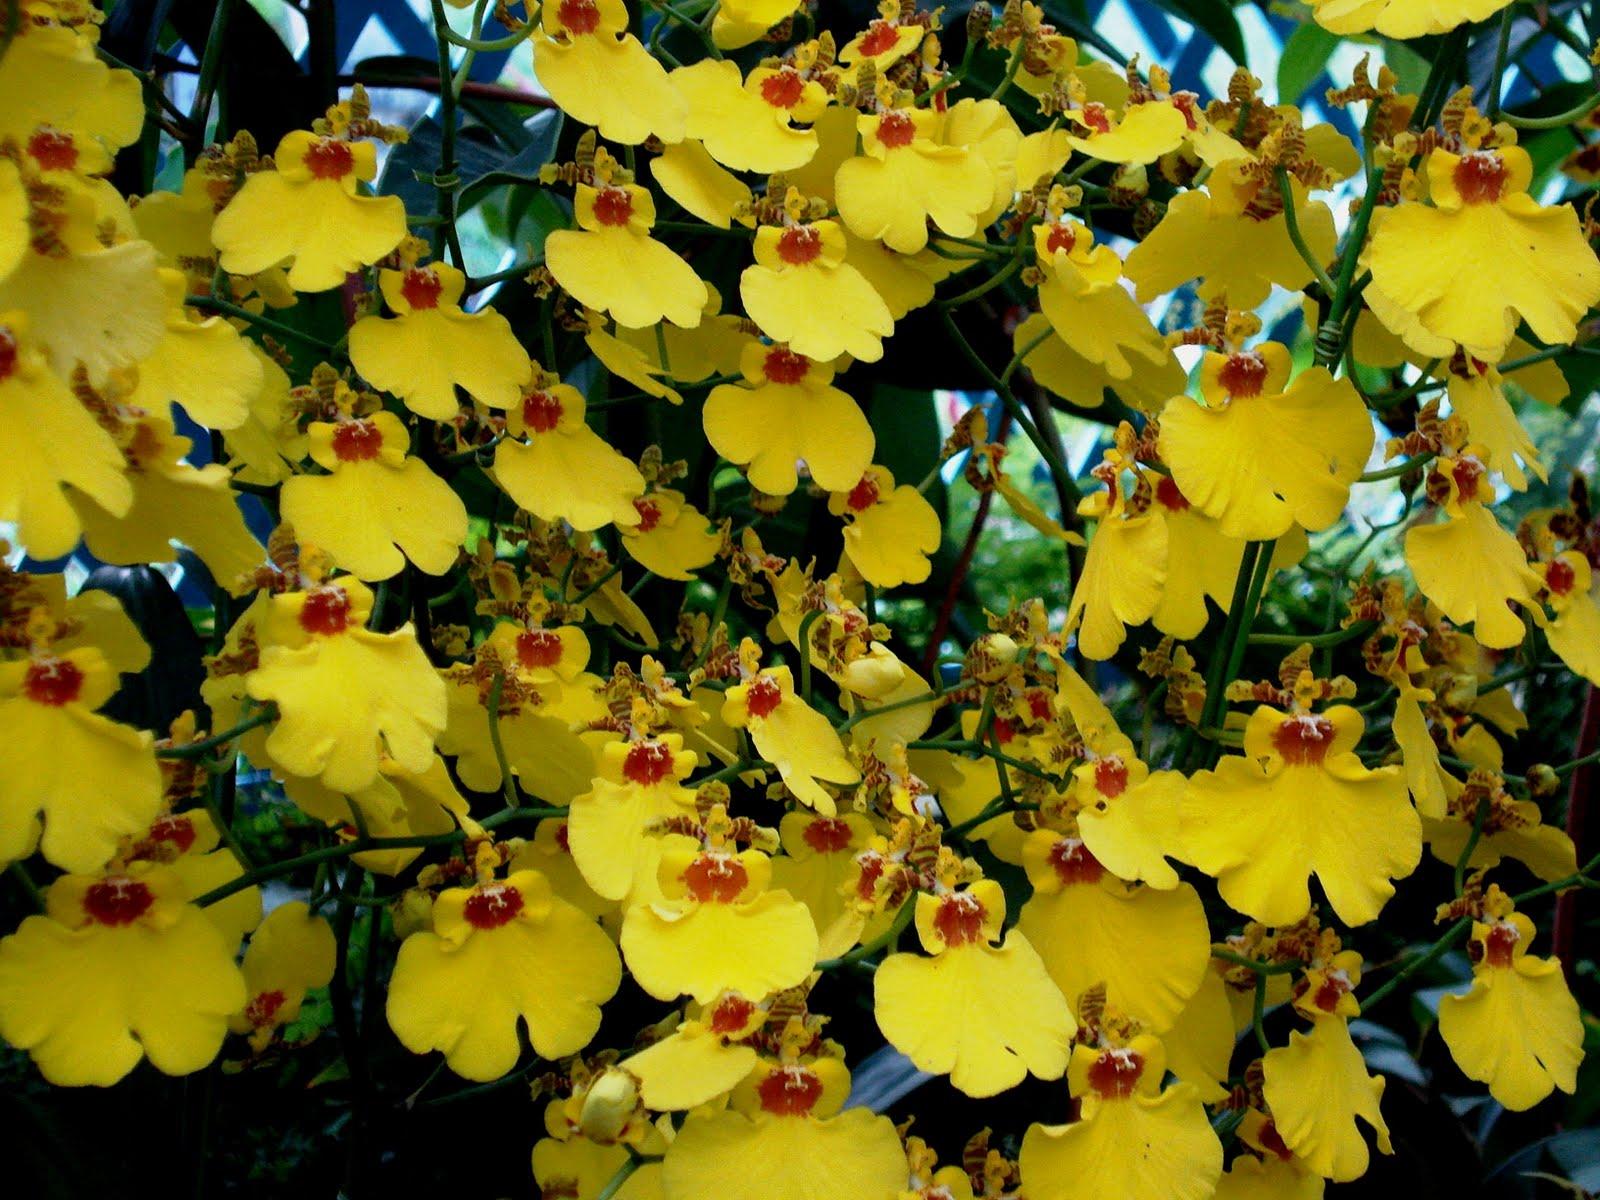 casar no jardim botanico : casar no jardim botanico:quarta-feira, 13 de abril de 2011